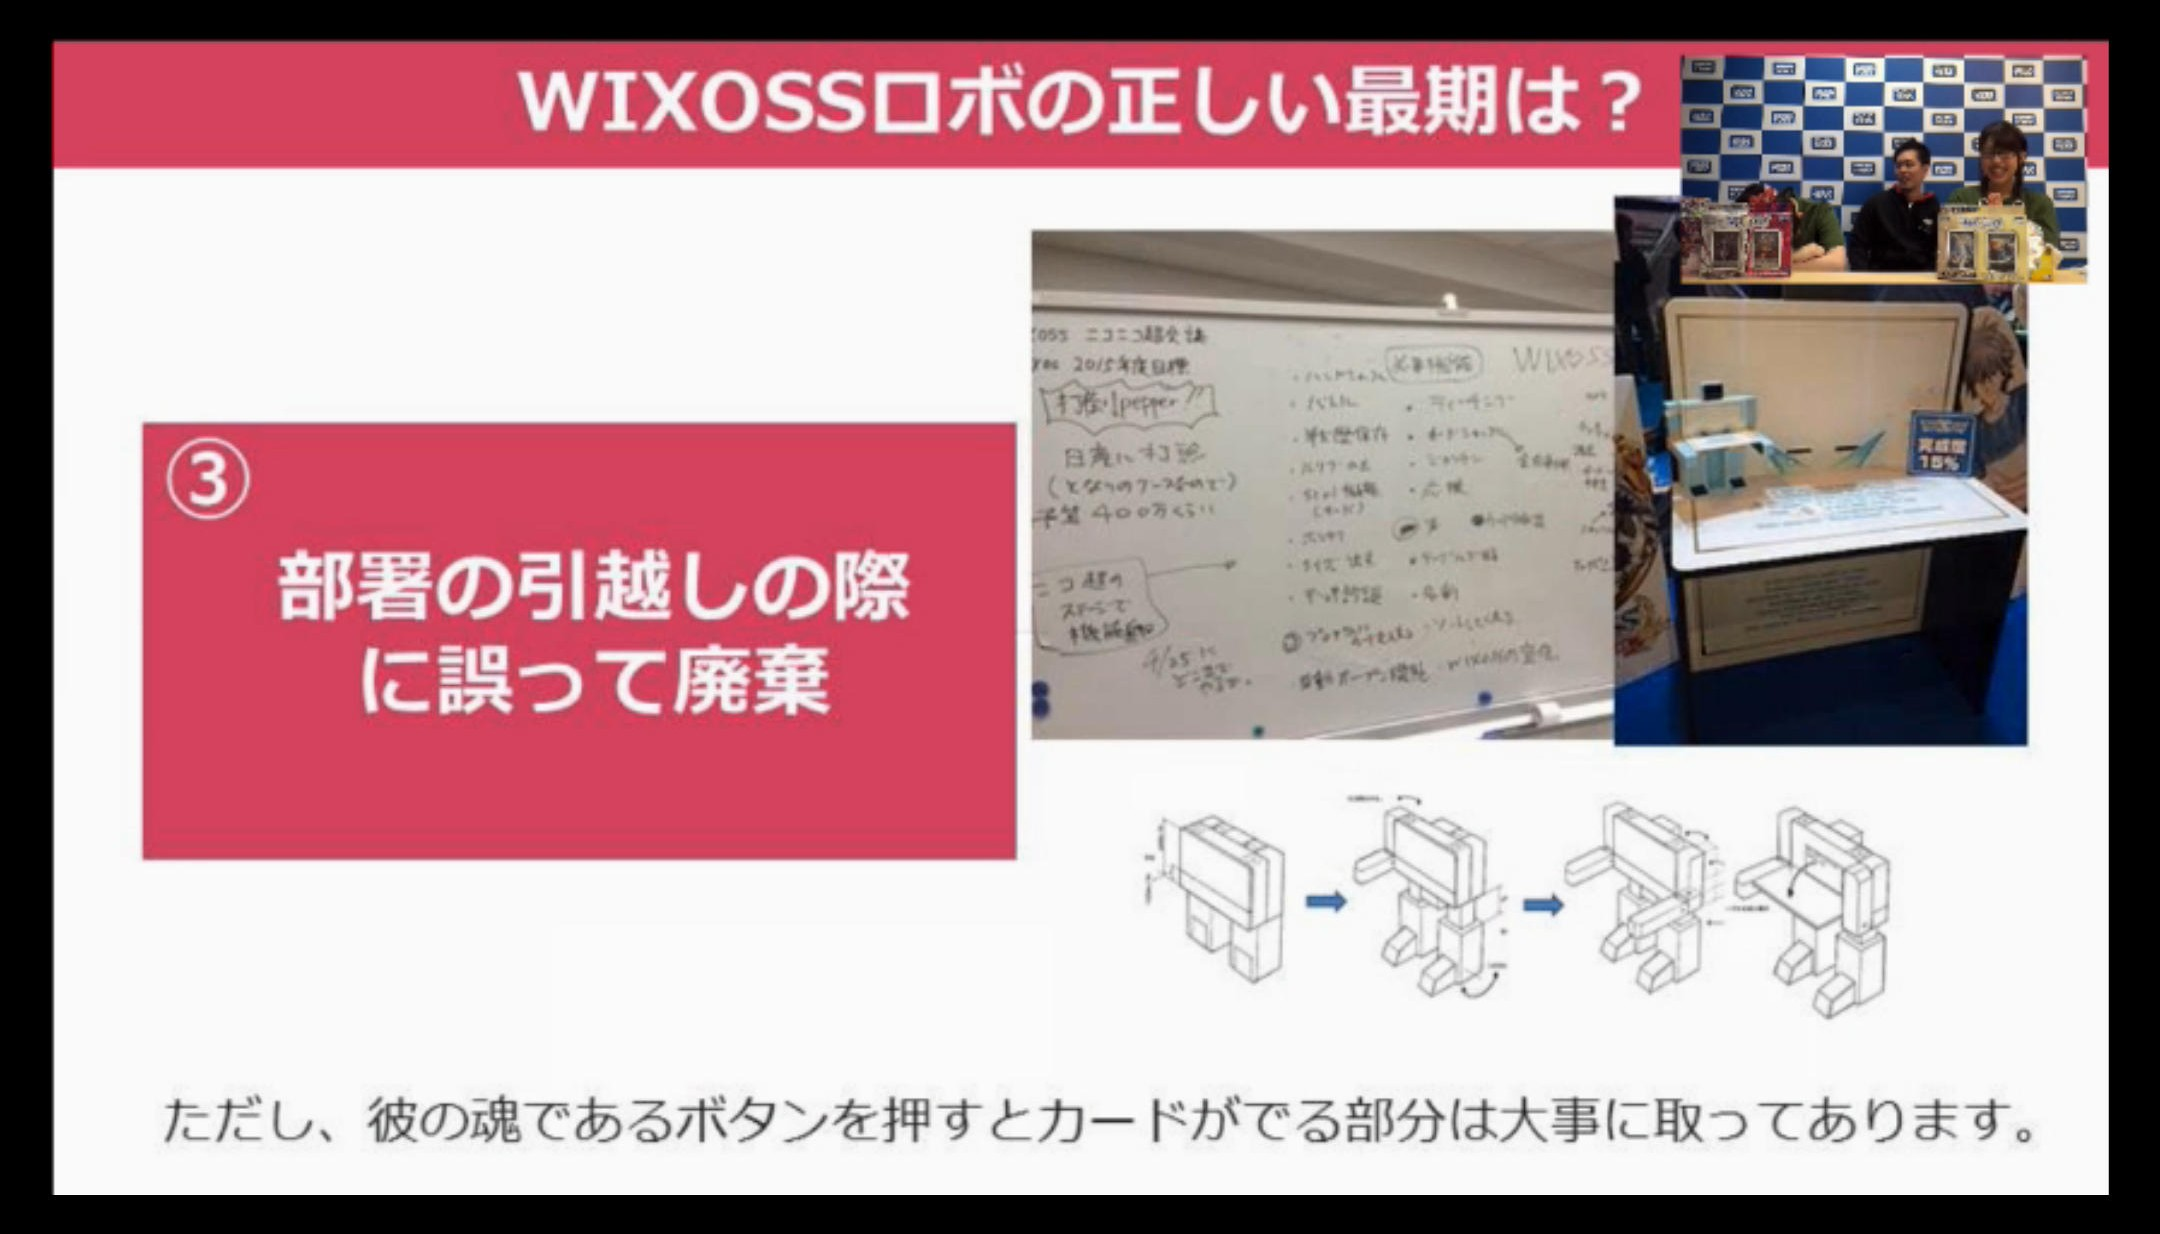 wx-live-170426-020.jpg